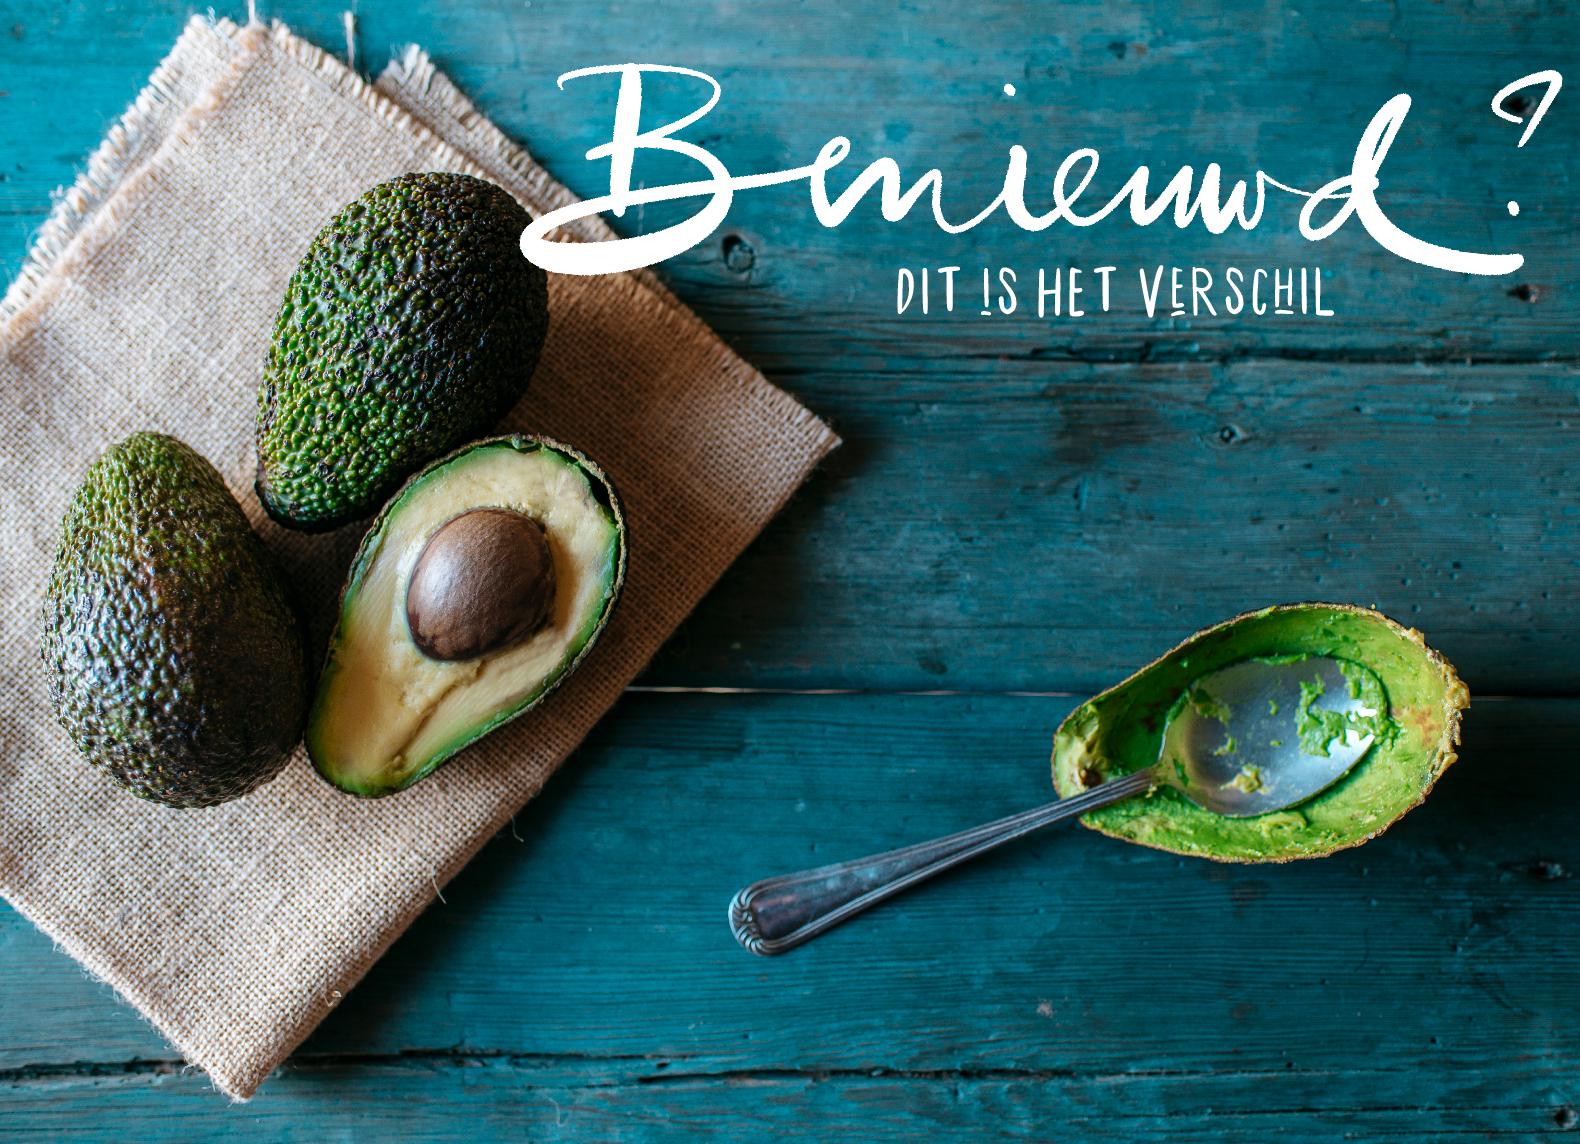 De waarheid achter bruine en groene avocado's